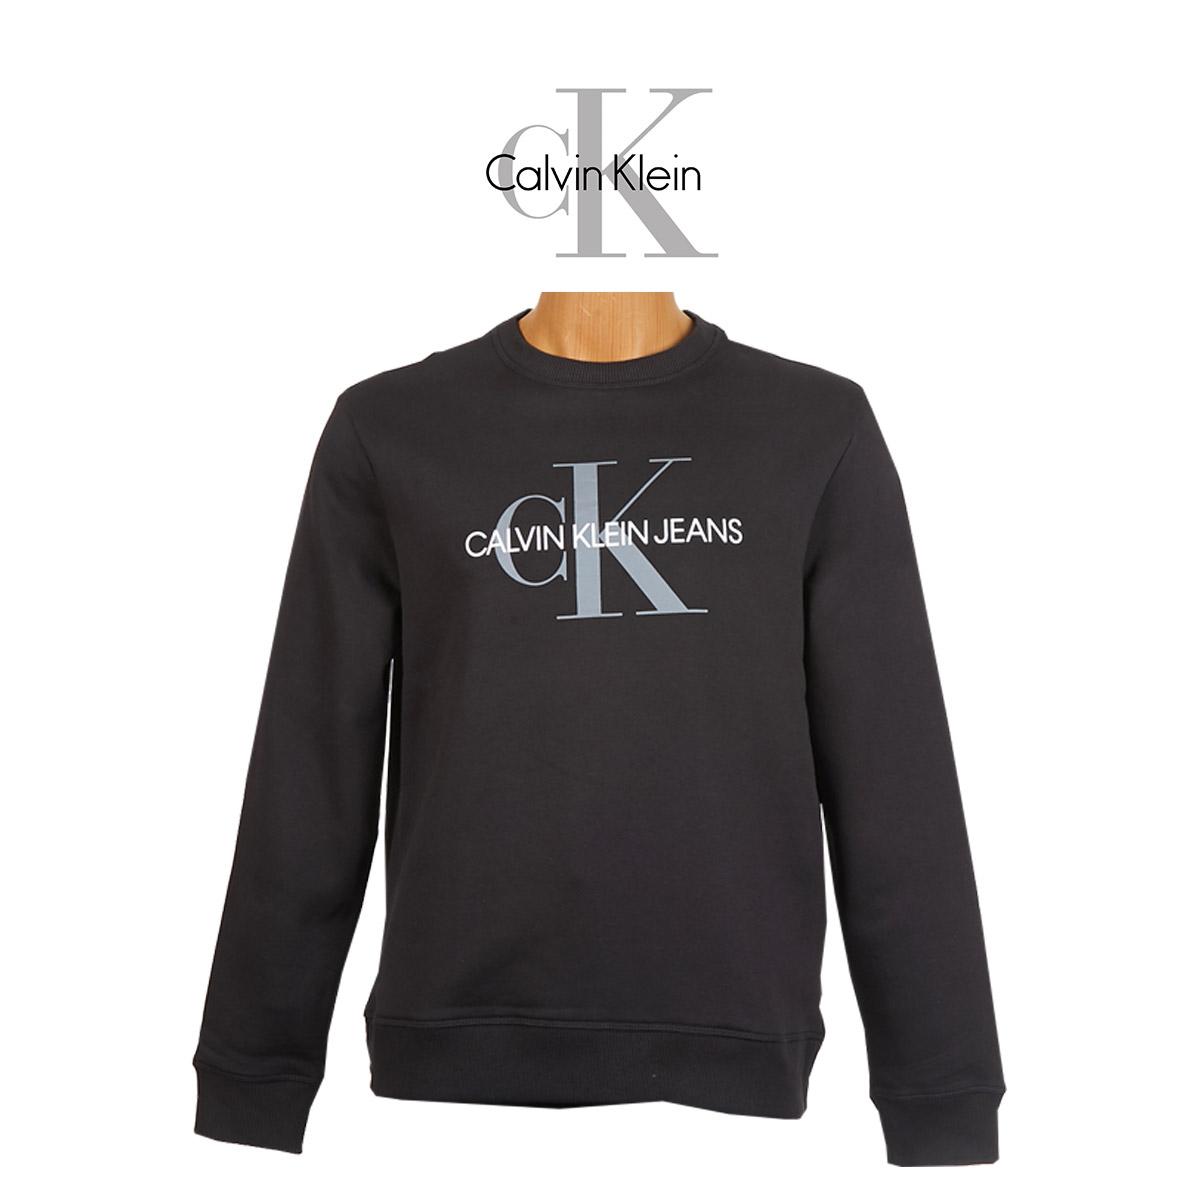 캘빈클라인 남성 모노그램 맨투맨 스웨터 블랙